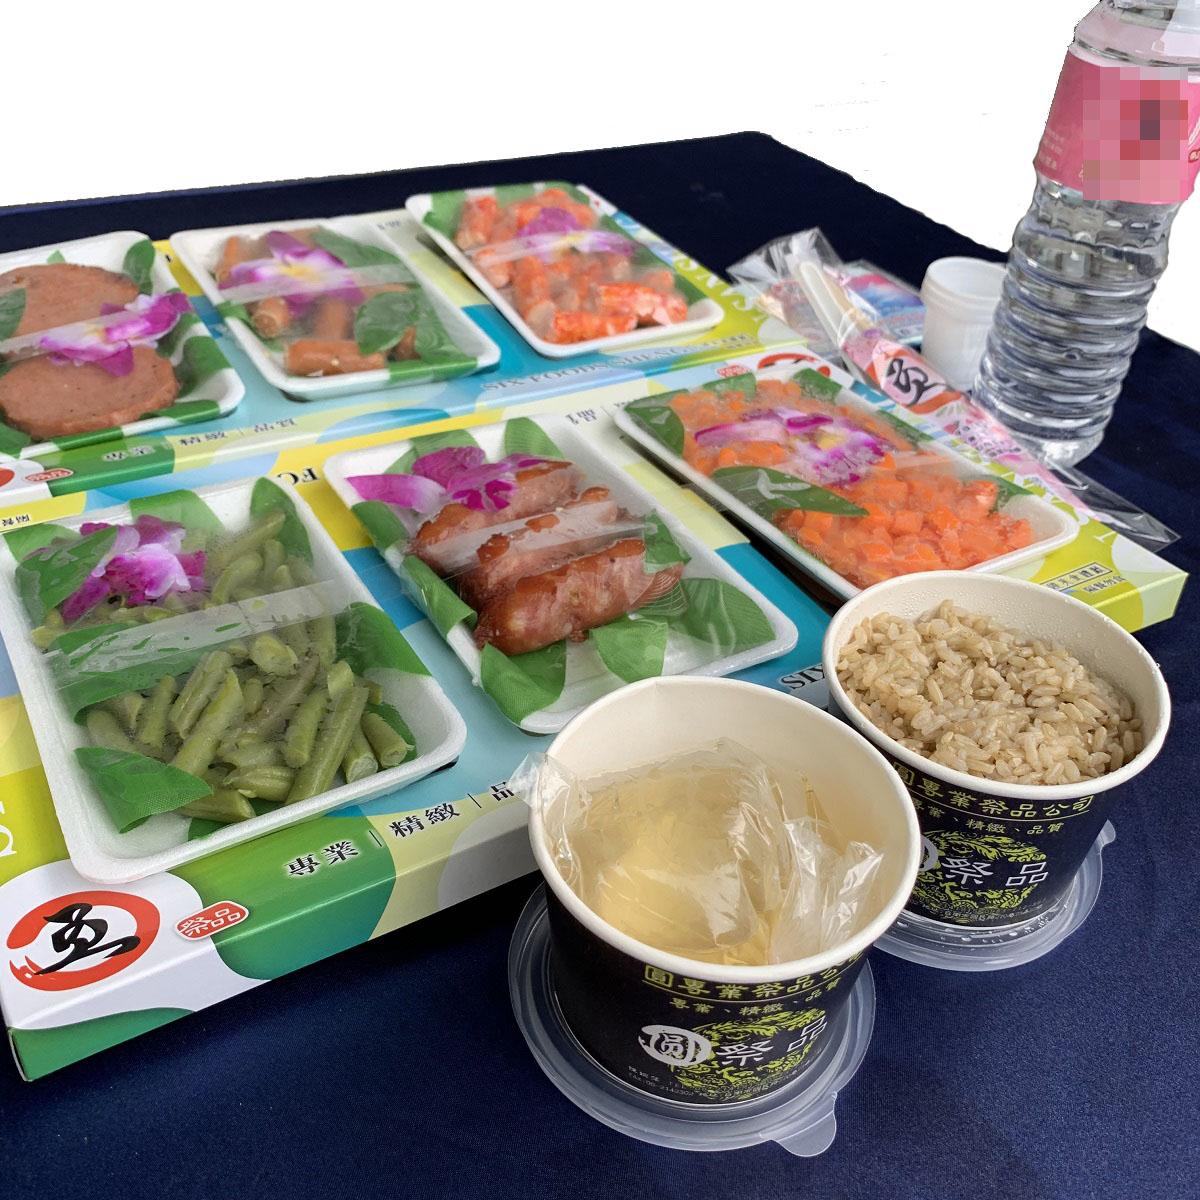 法事祭品-尾日飽福葷六飯菜全組含已煮八珍湯藥壺(葷)